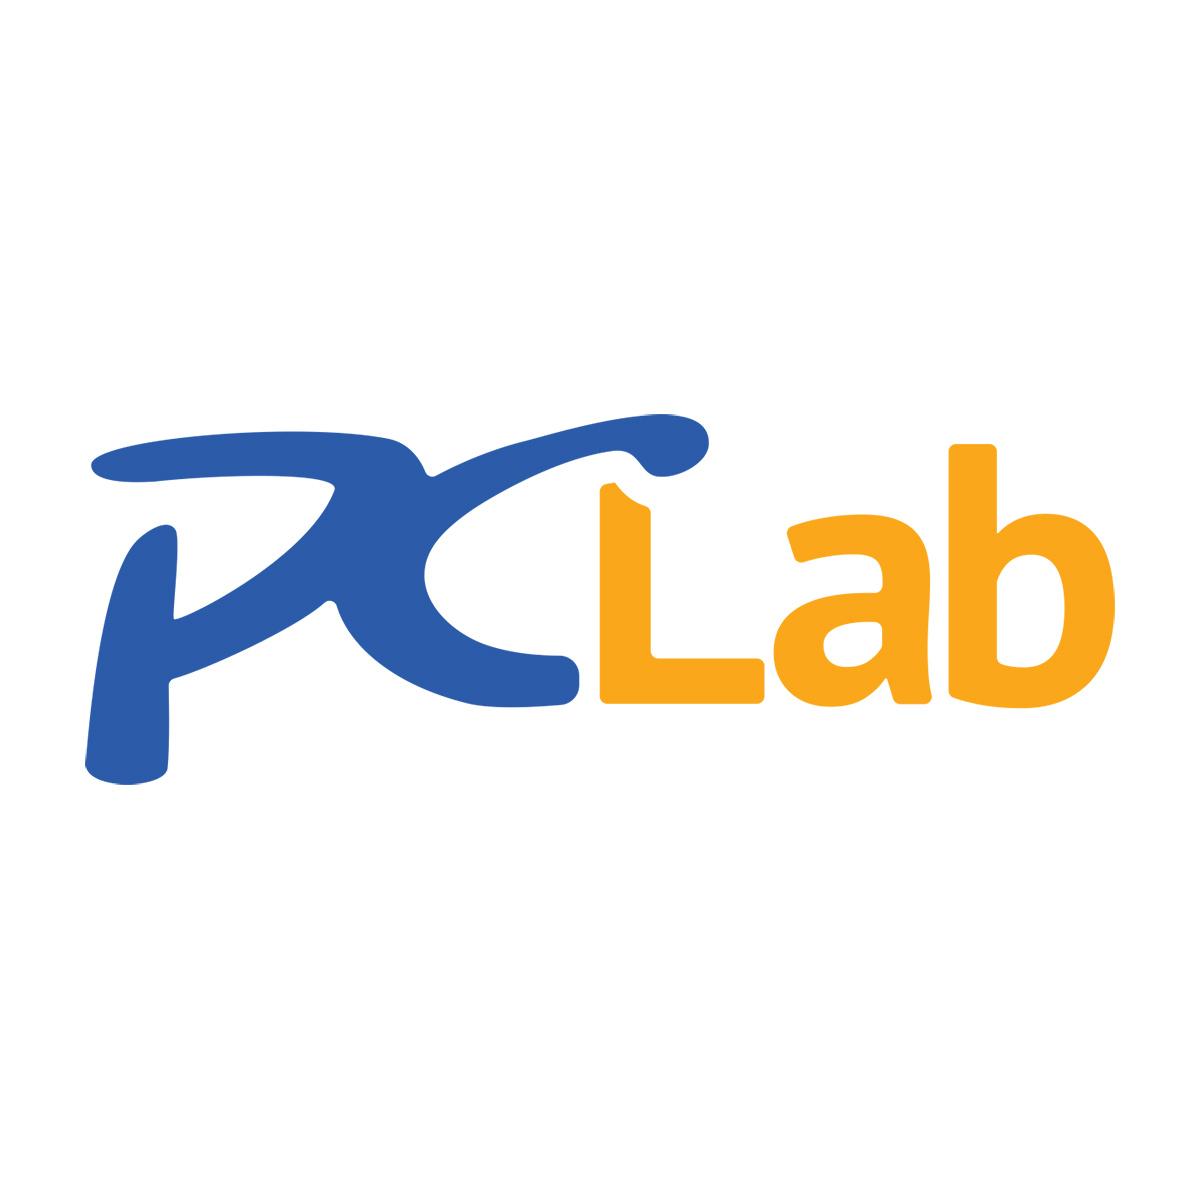 ¯egnaj, PCLab.pl, czyli wydawca zamyka serwis